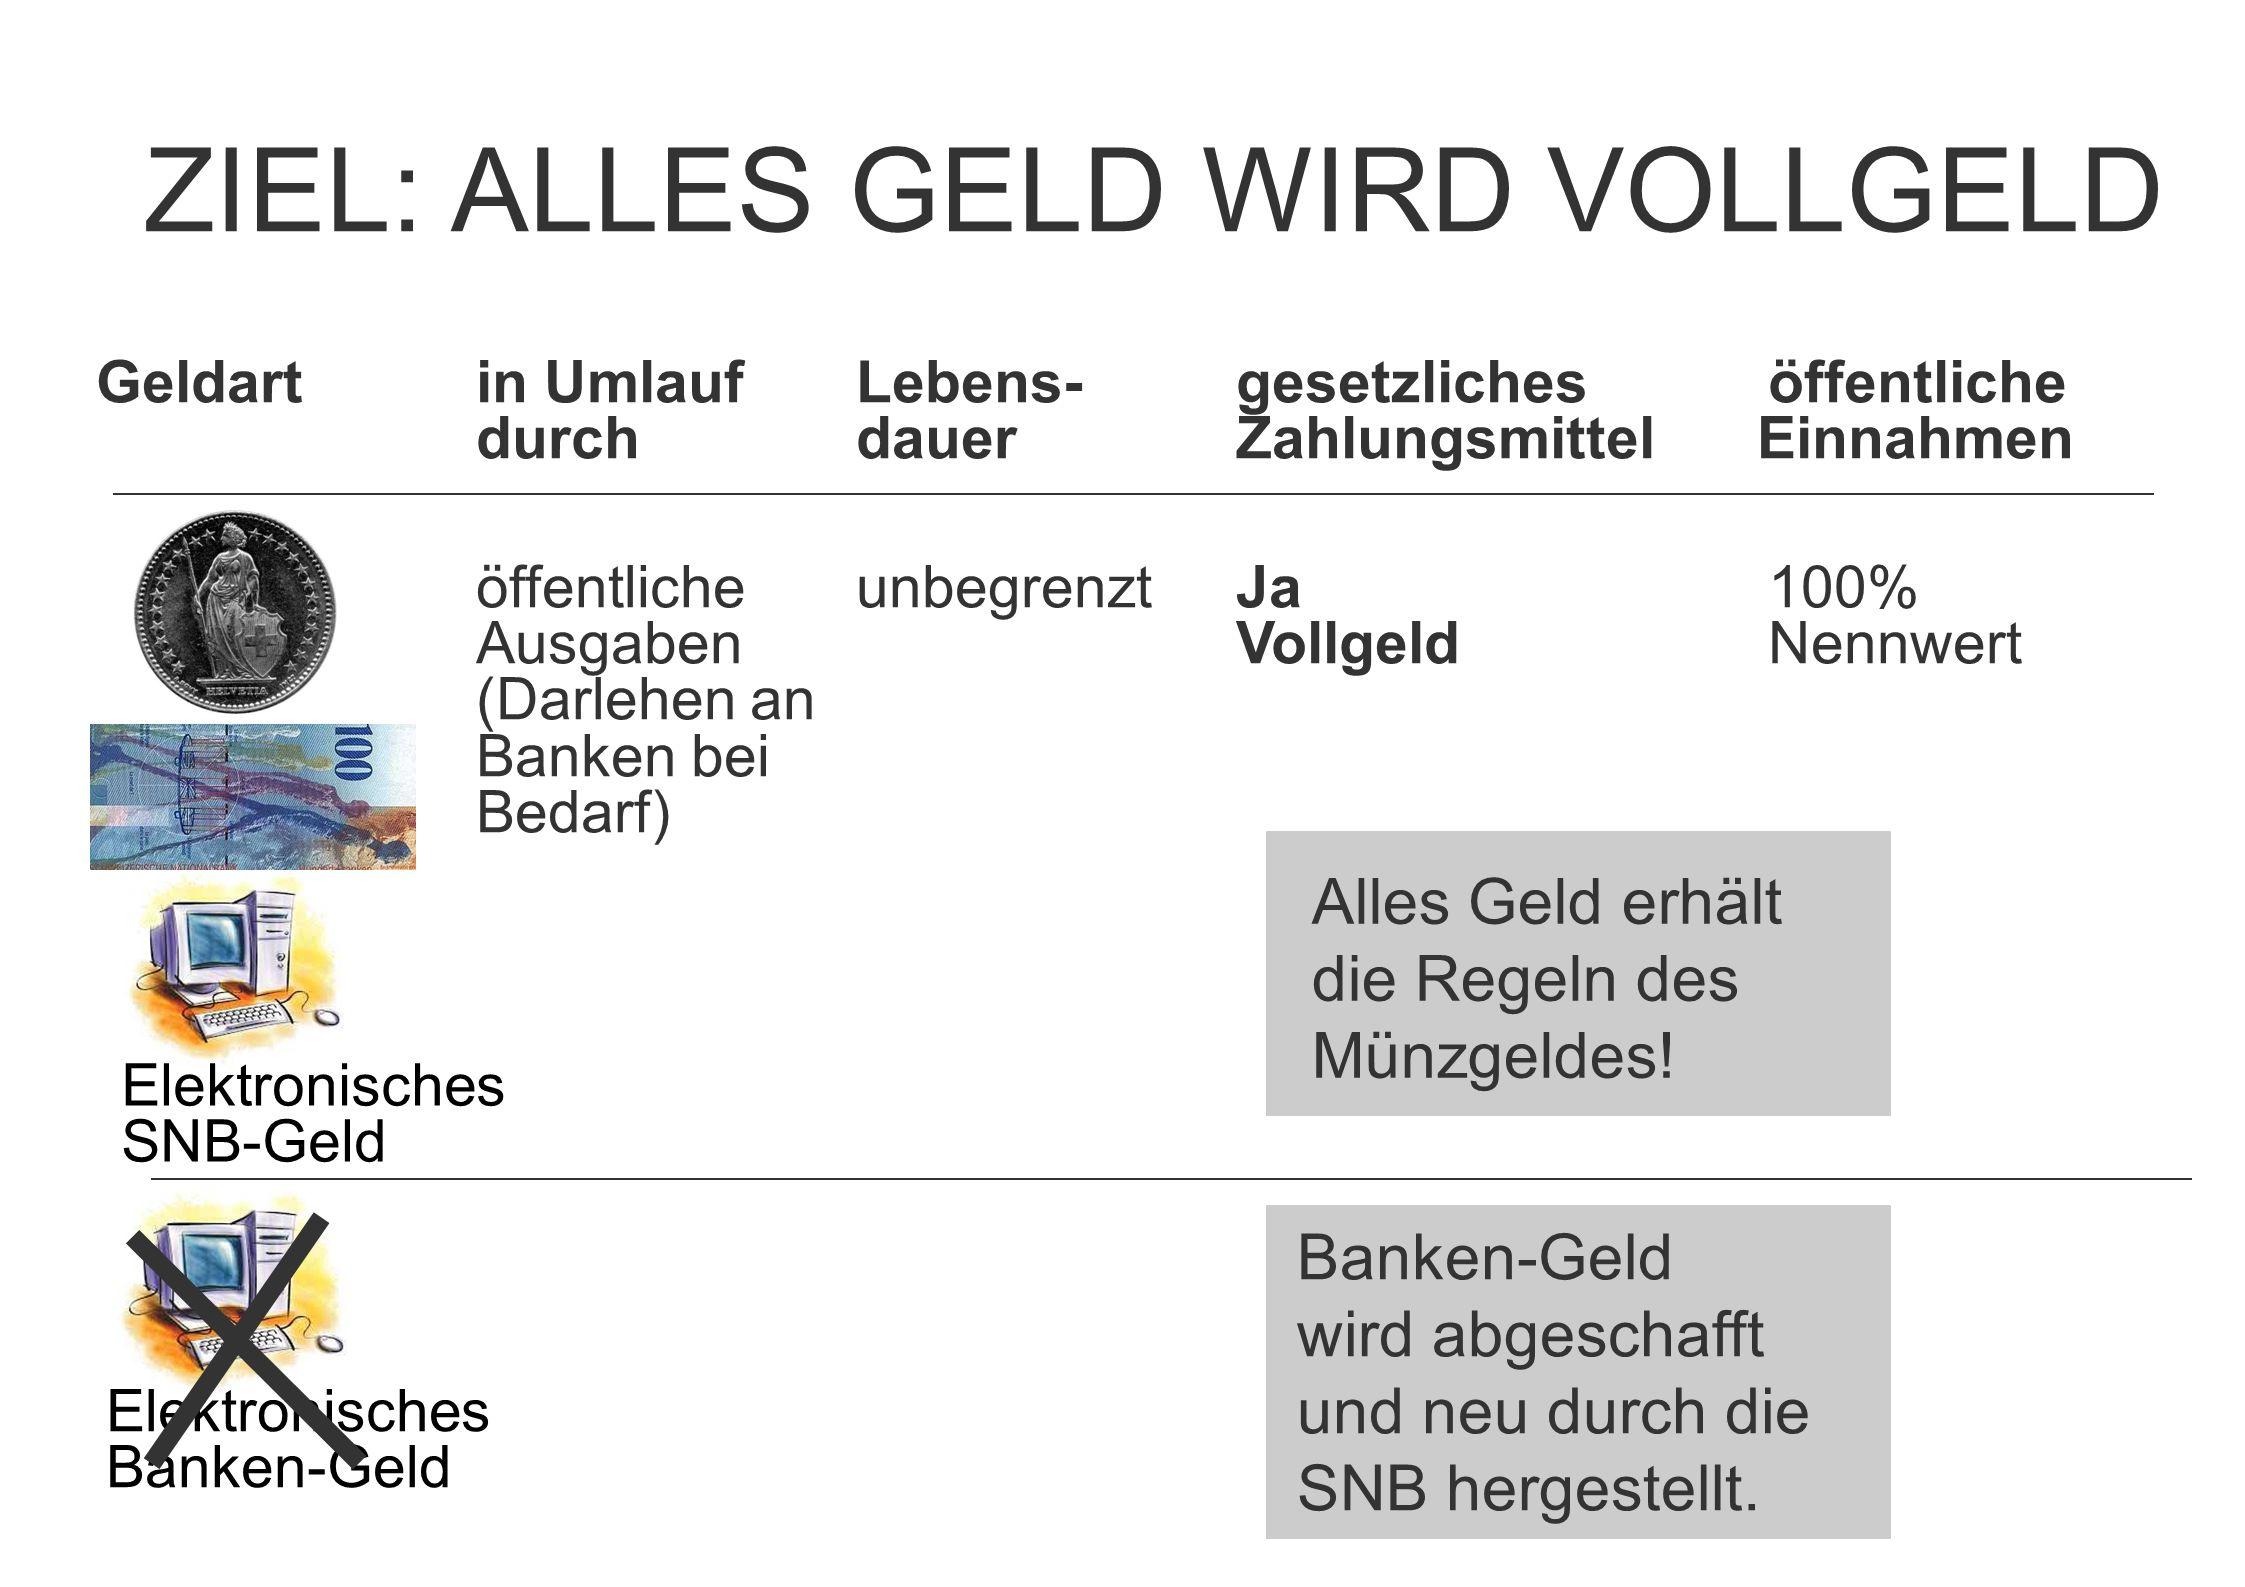 Elektronisches Banken-Geld ZIEL: ALLES GELD WIRD VOLLGELD Banken-Geld wird abgeschafft und neu durch die SNB hergestellt. Alles Geld erhält die Regeln